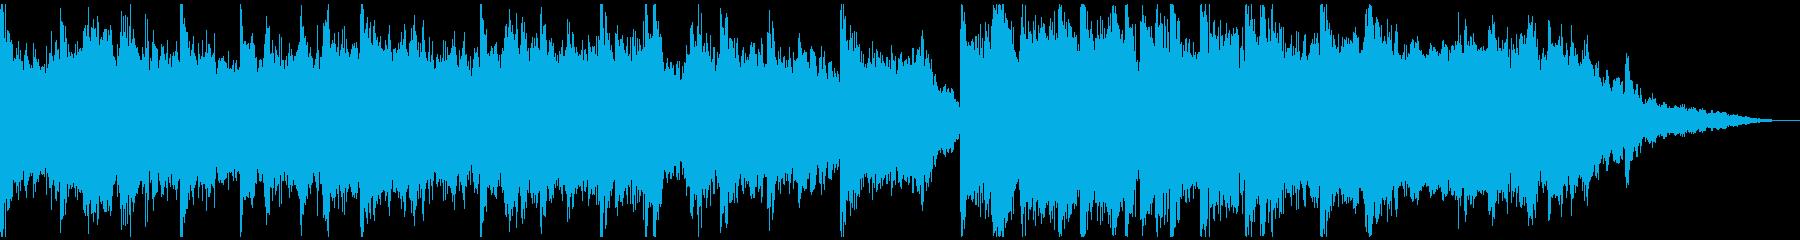 30秒 オーケストレーションpopの再生済みの波形